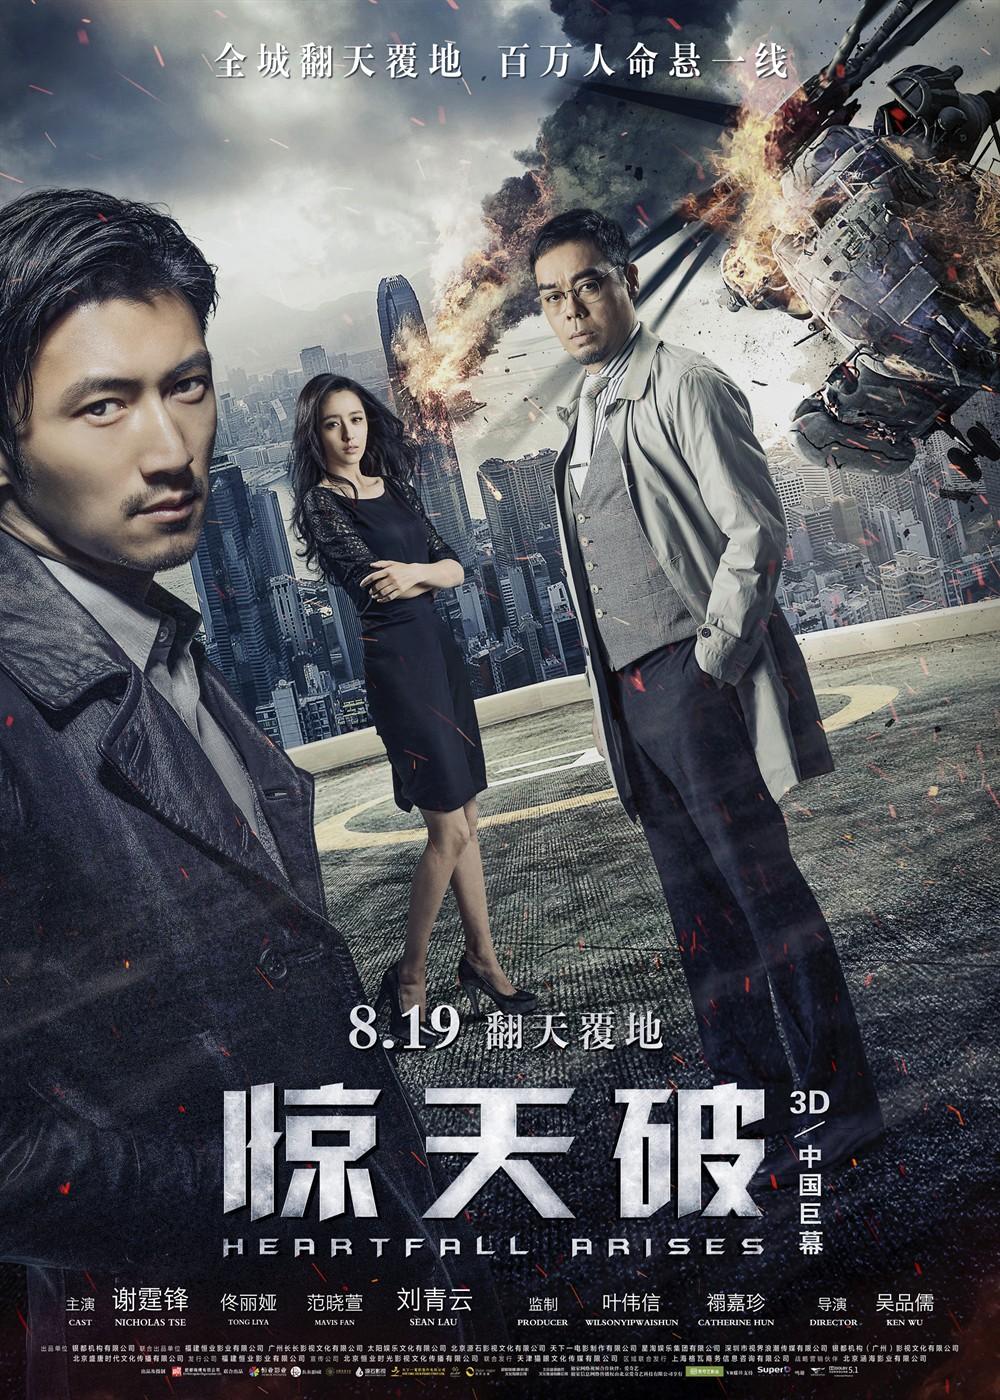 2016最新电影《惊心破》国产动作片BD国粤双语中字